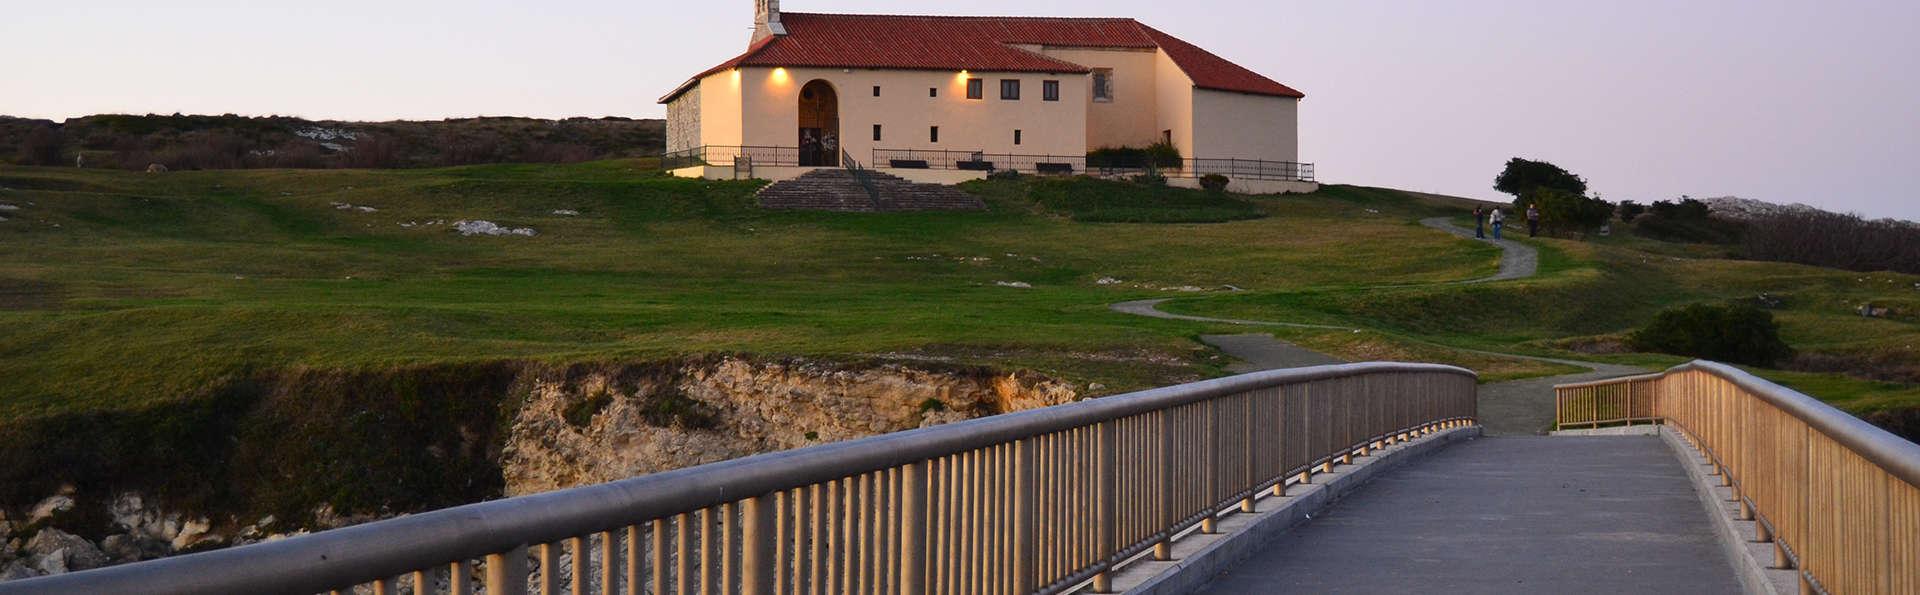 Hotel ch teau la roca hotel santander for Servicio tecnico roca murcia